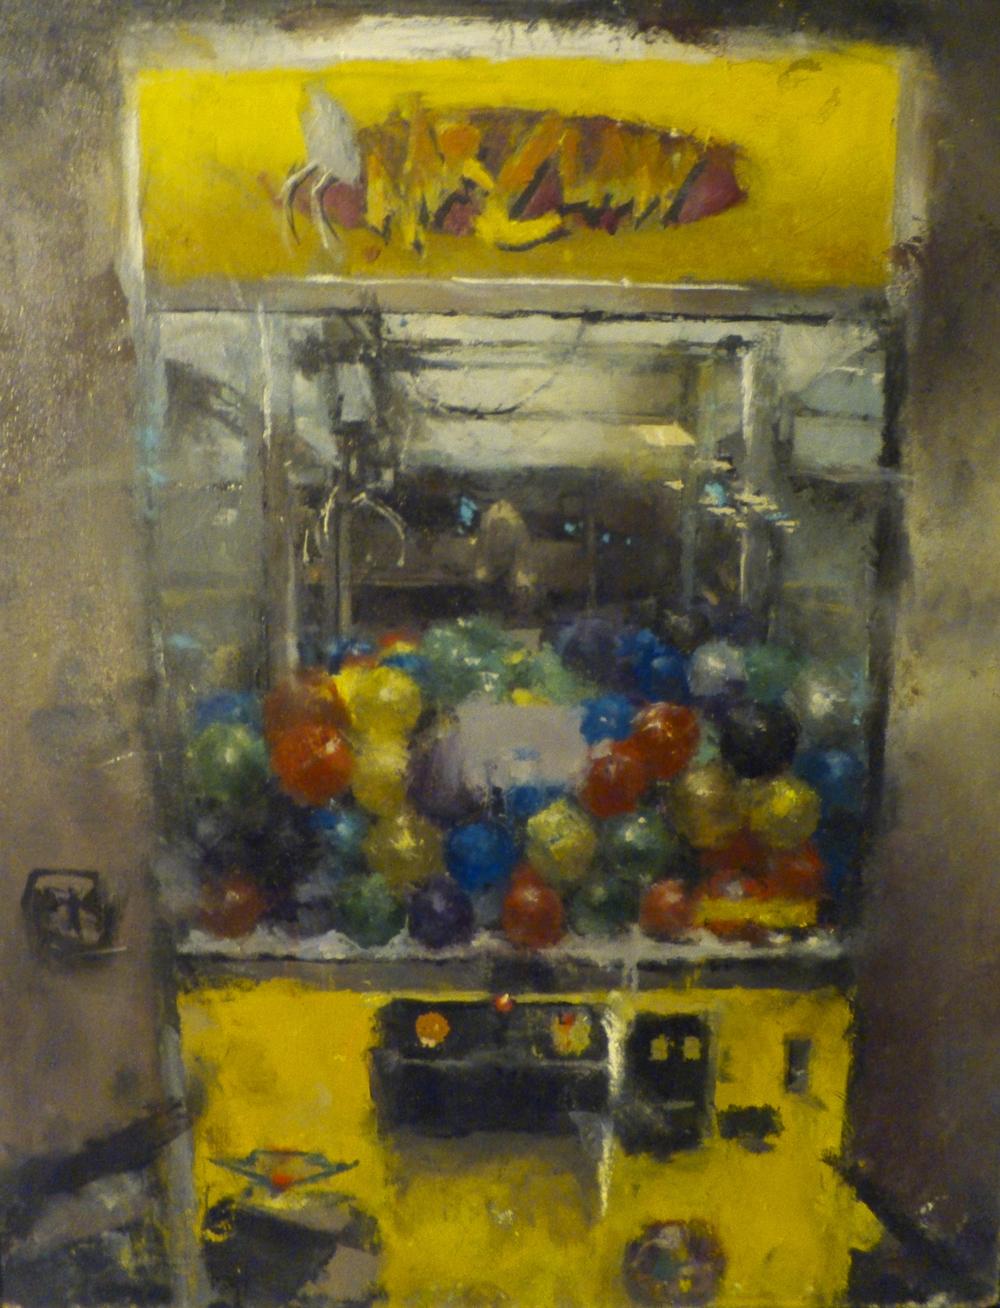 Bowling Alley Claw Machine